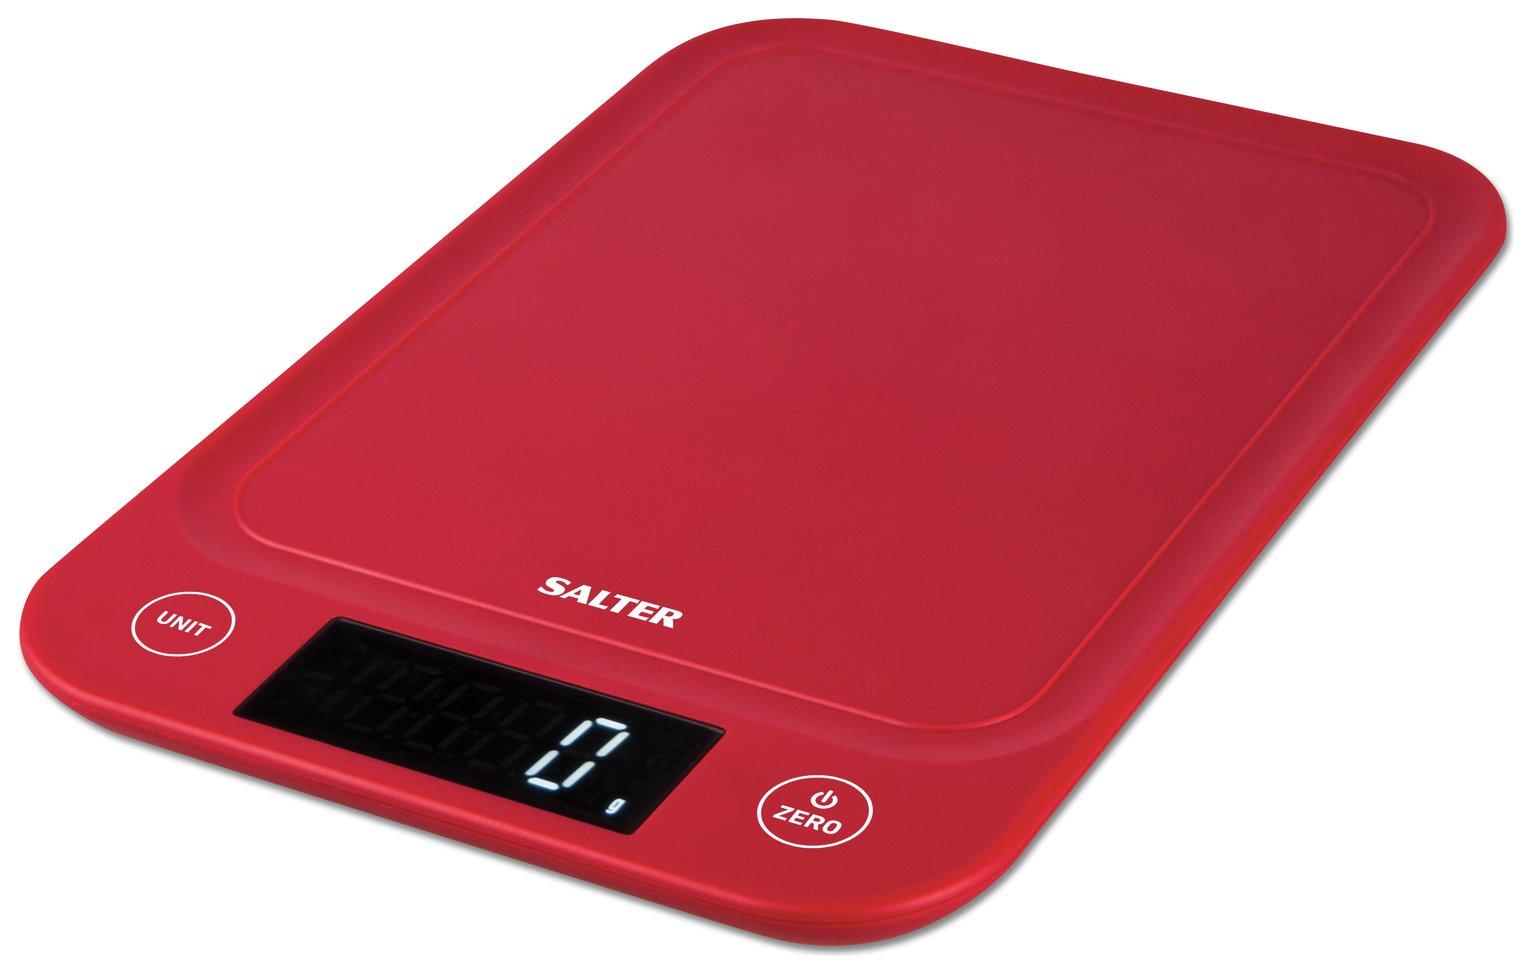 Salter Slim 5kg Kitchen Scale - Red